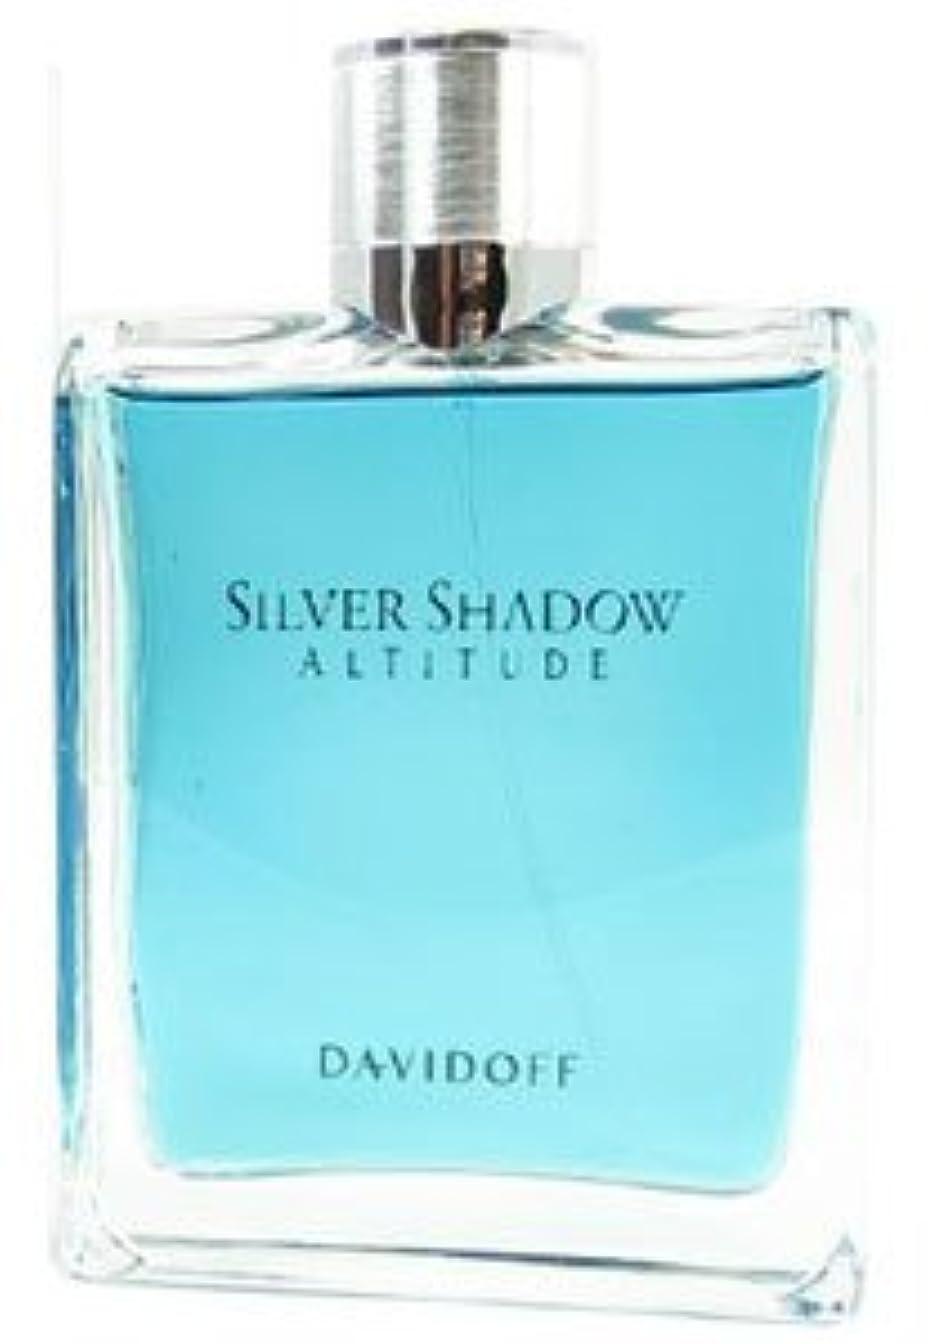 地下室契約した効能あるSilver Shadow Altitude (シルバーシャドウ アルティテュード) ミニチュア 7.5ml by Davidoff for men